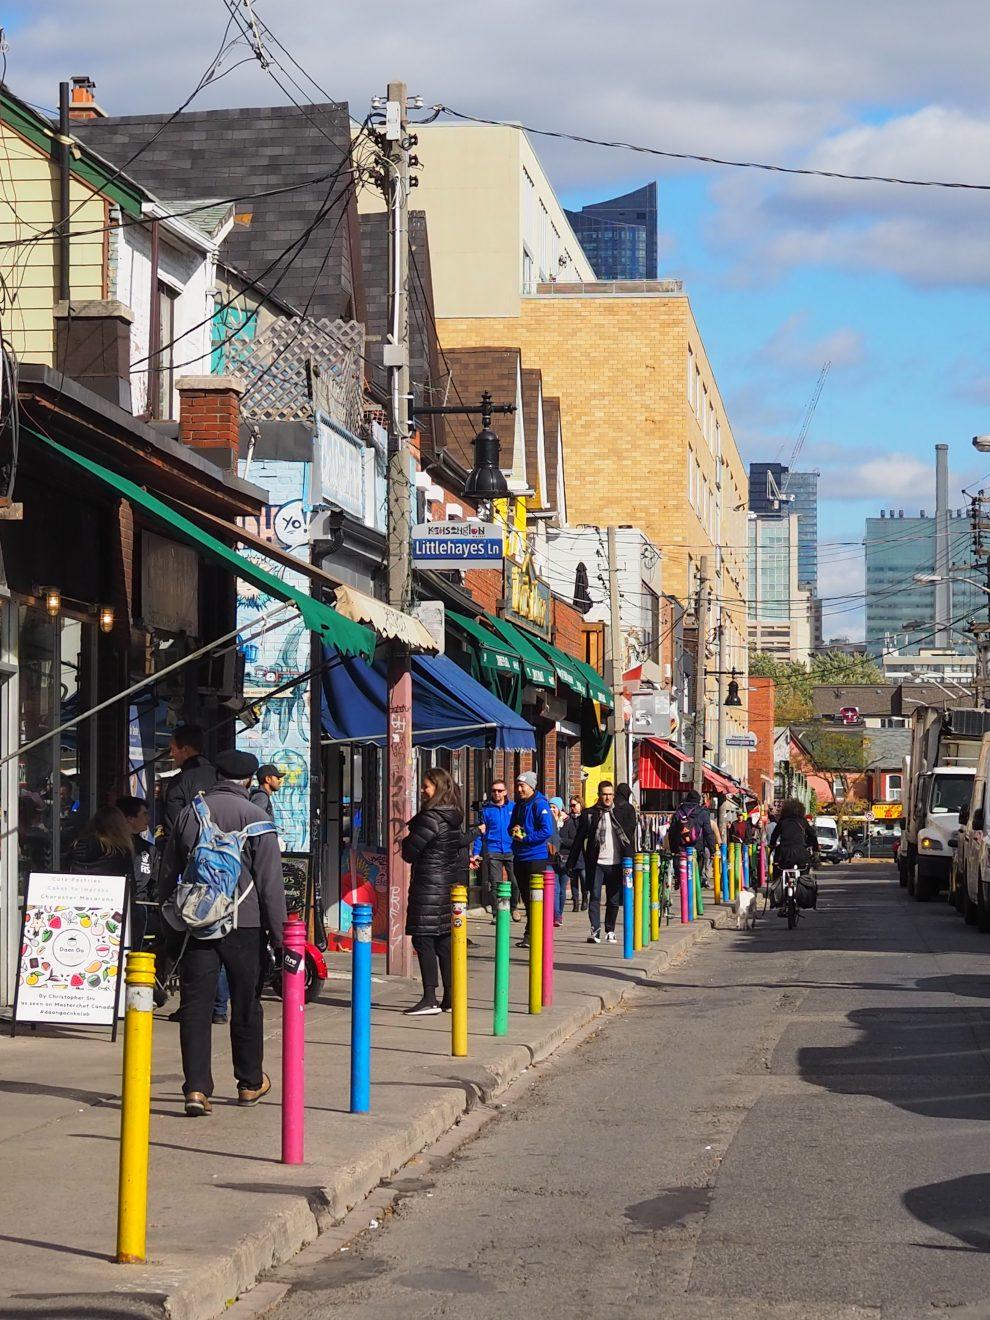 Citytrip Toronto. Leukste wijk in Toronto, Kensington market bezienswaardigheden Toronto Canada